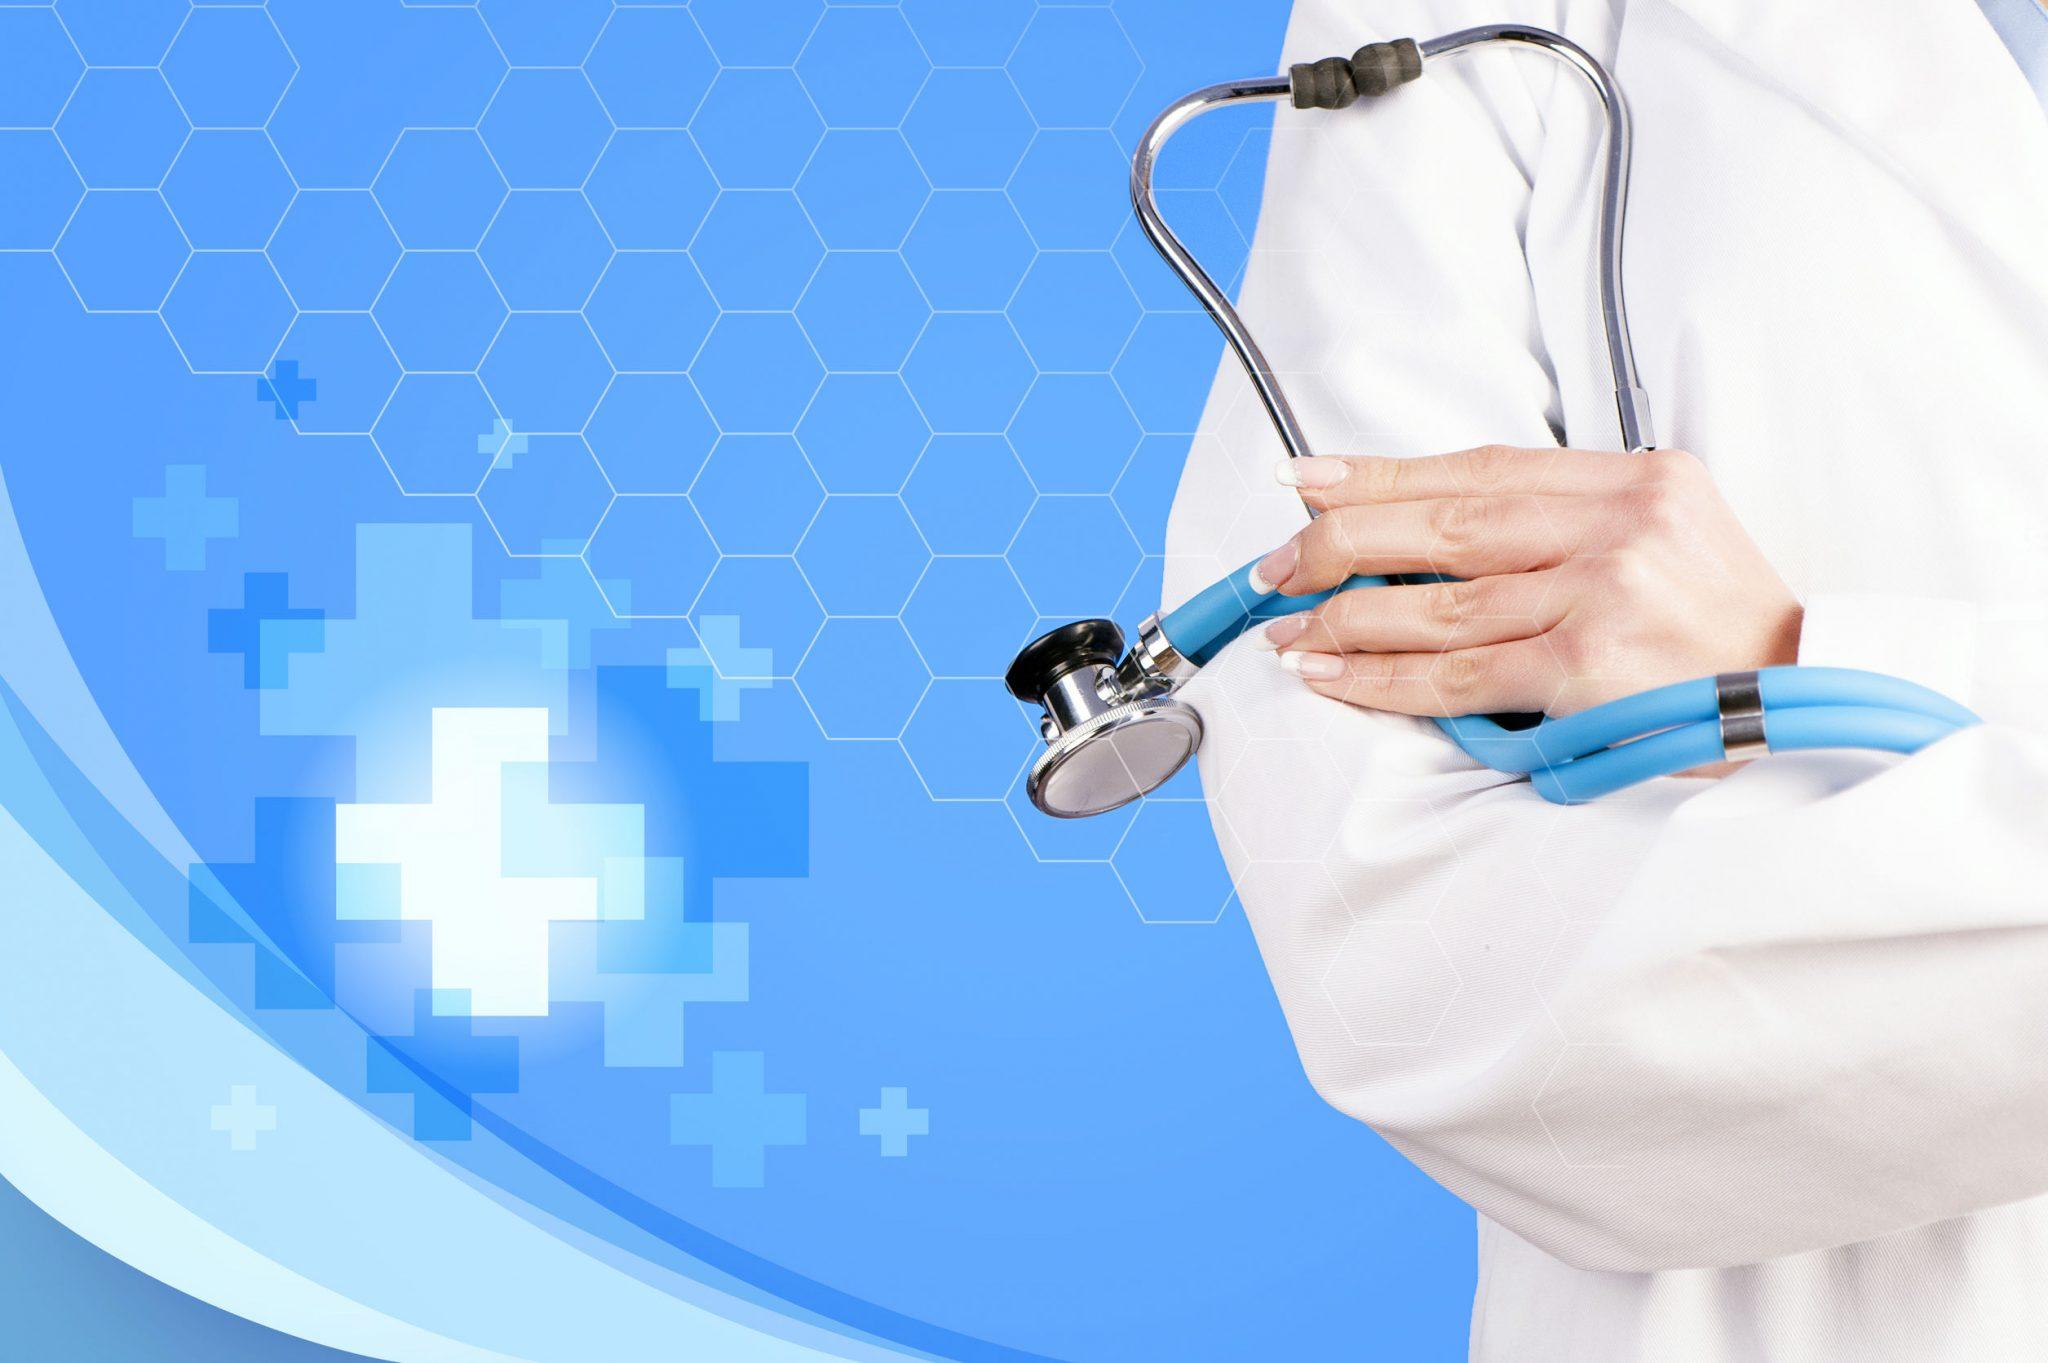 Top Doctors offre gratuitamente il servizio a tutti i medici interessati thumbnail